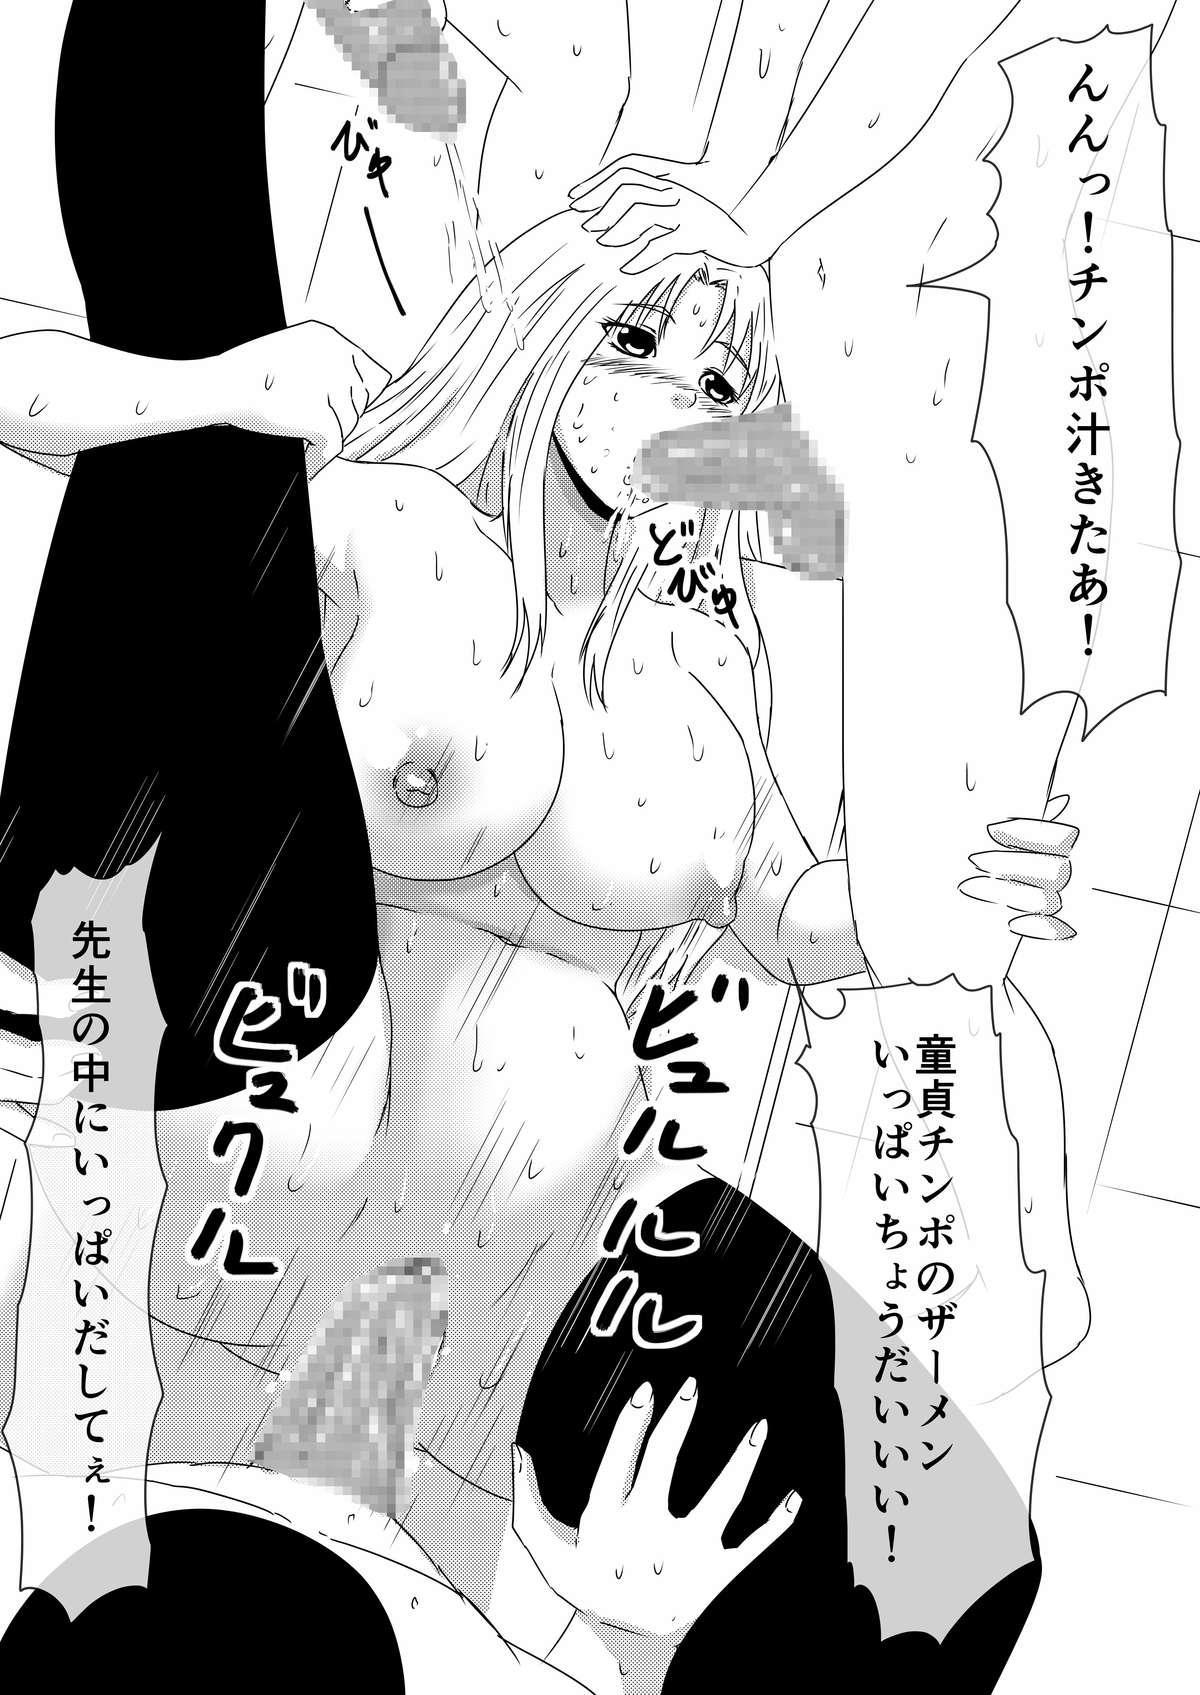 [Mikezoutei] Mashou no Chinko o Motsu Shounen ~Kare no Dankon wa Josei o Mesu e to Kaeru~ Zenpen 74